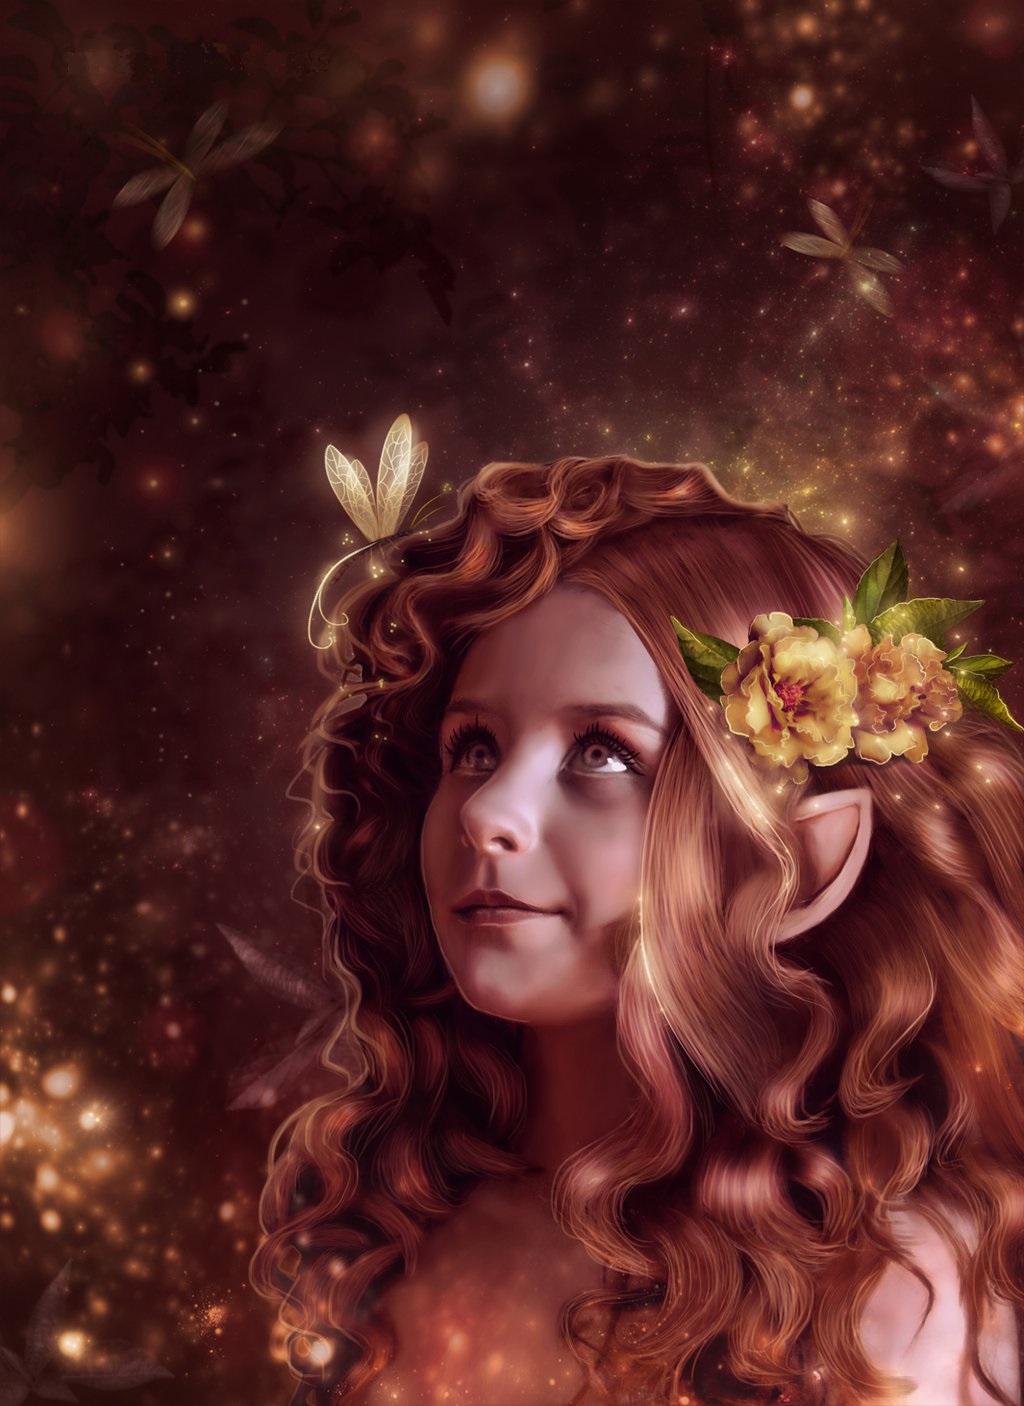 Фото Девочка-эльф, с цветами и стрекозой в красивых волосах, deviant art